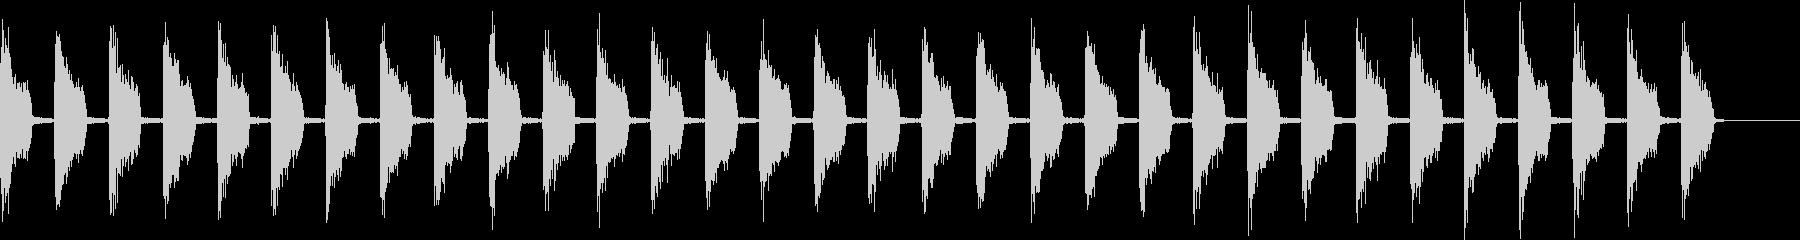 ティッティッティッの未再生の波形